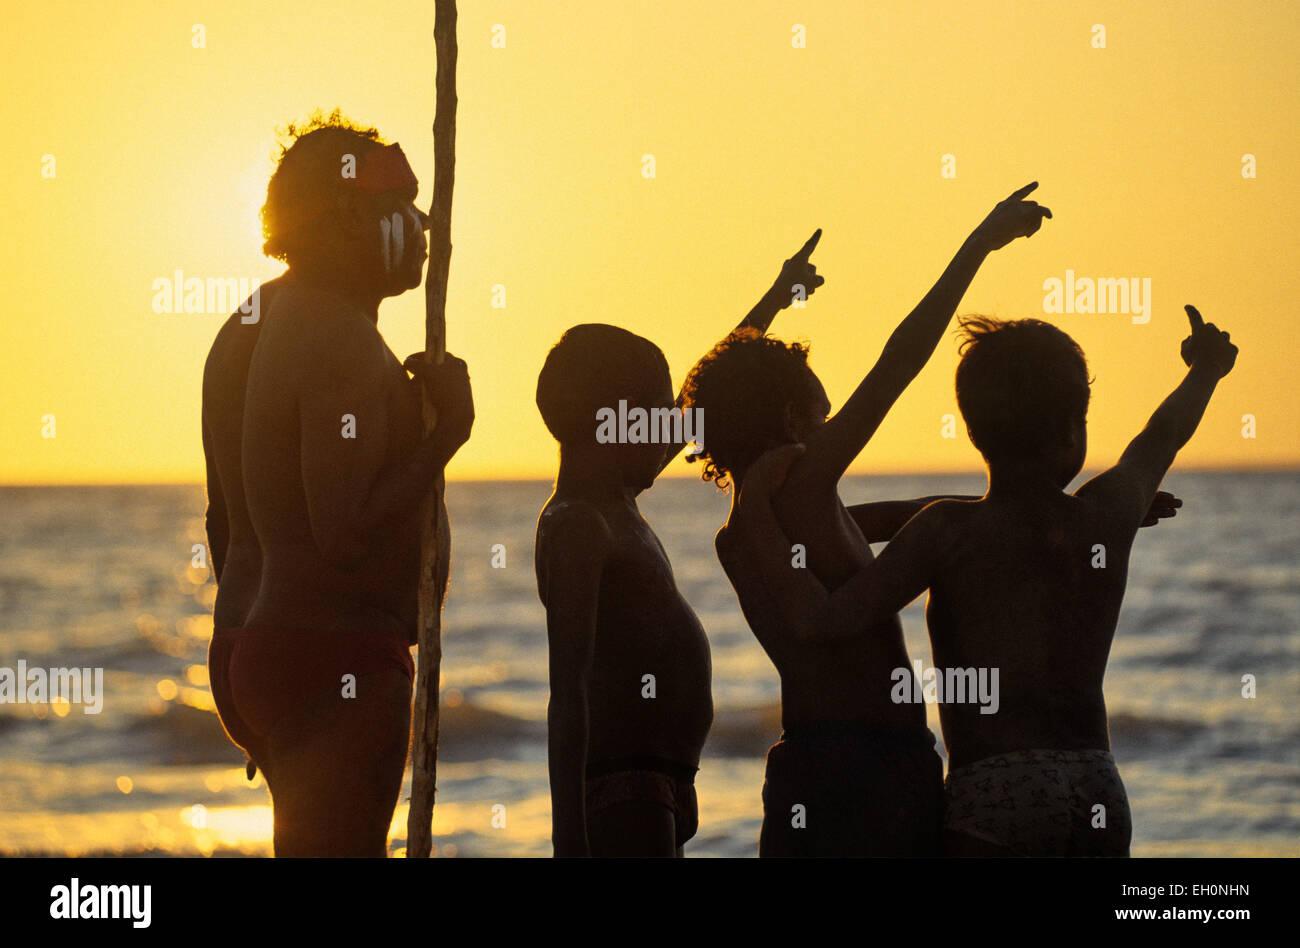 Aborígene com um pólo e crianças a apontar para o céu ao pôr-do-sol, Darwin, Austrália Imagens de Stock